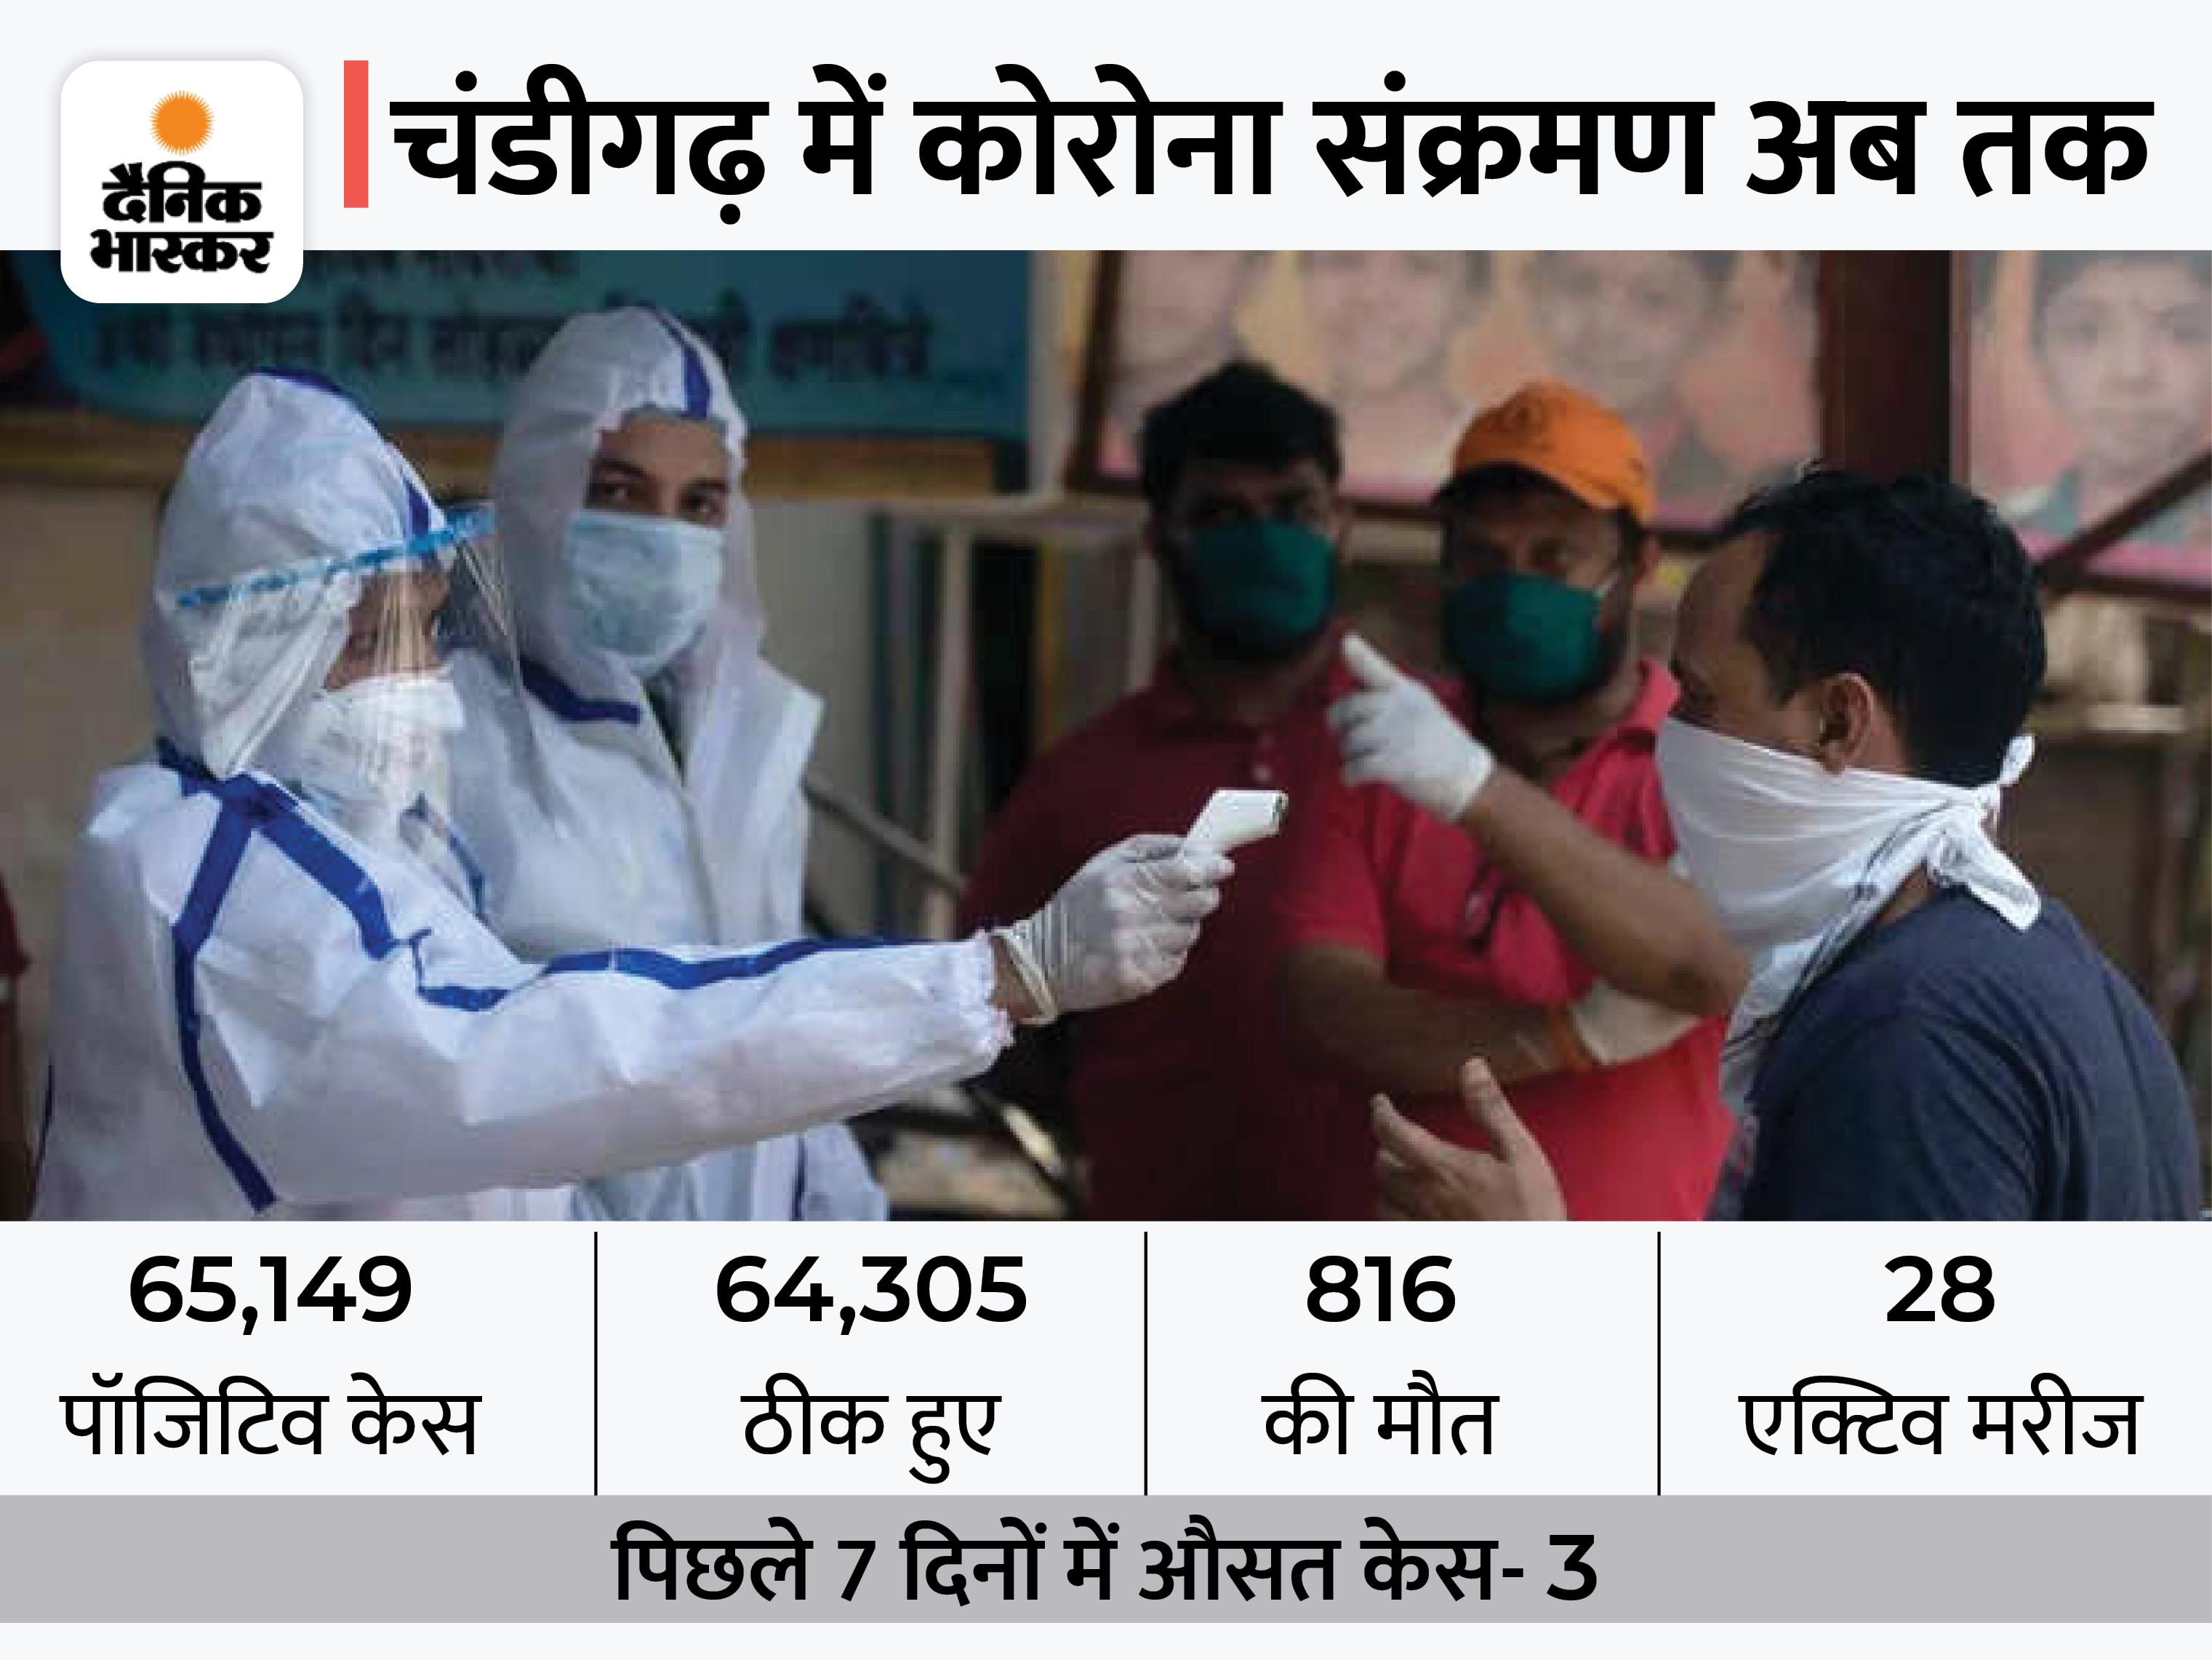 स्वास्थ्य विभाग ने कोरोना संक्रमण के 6 लाख 94 हजार से ज्यादा टेस्ट किए, 65 हजार 149 आए पॉजिटिव चंडीगढ़,Chandigarh - Dainik Bhaskar